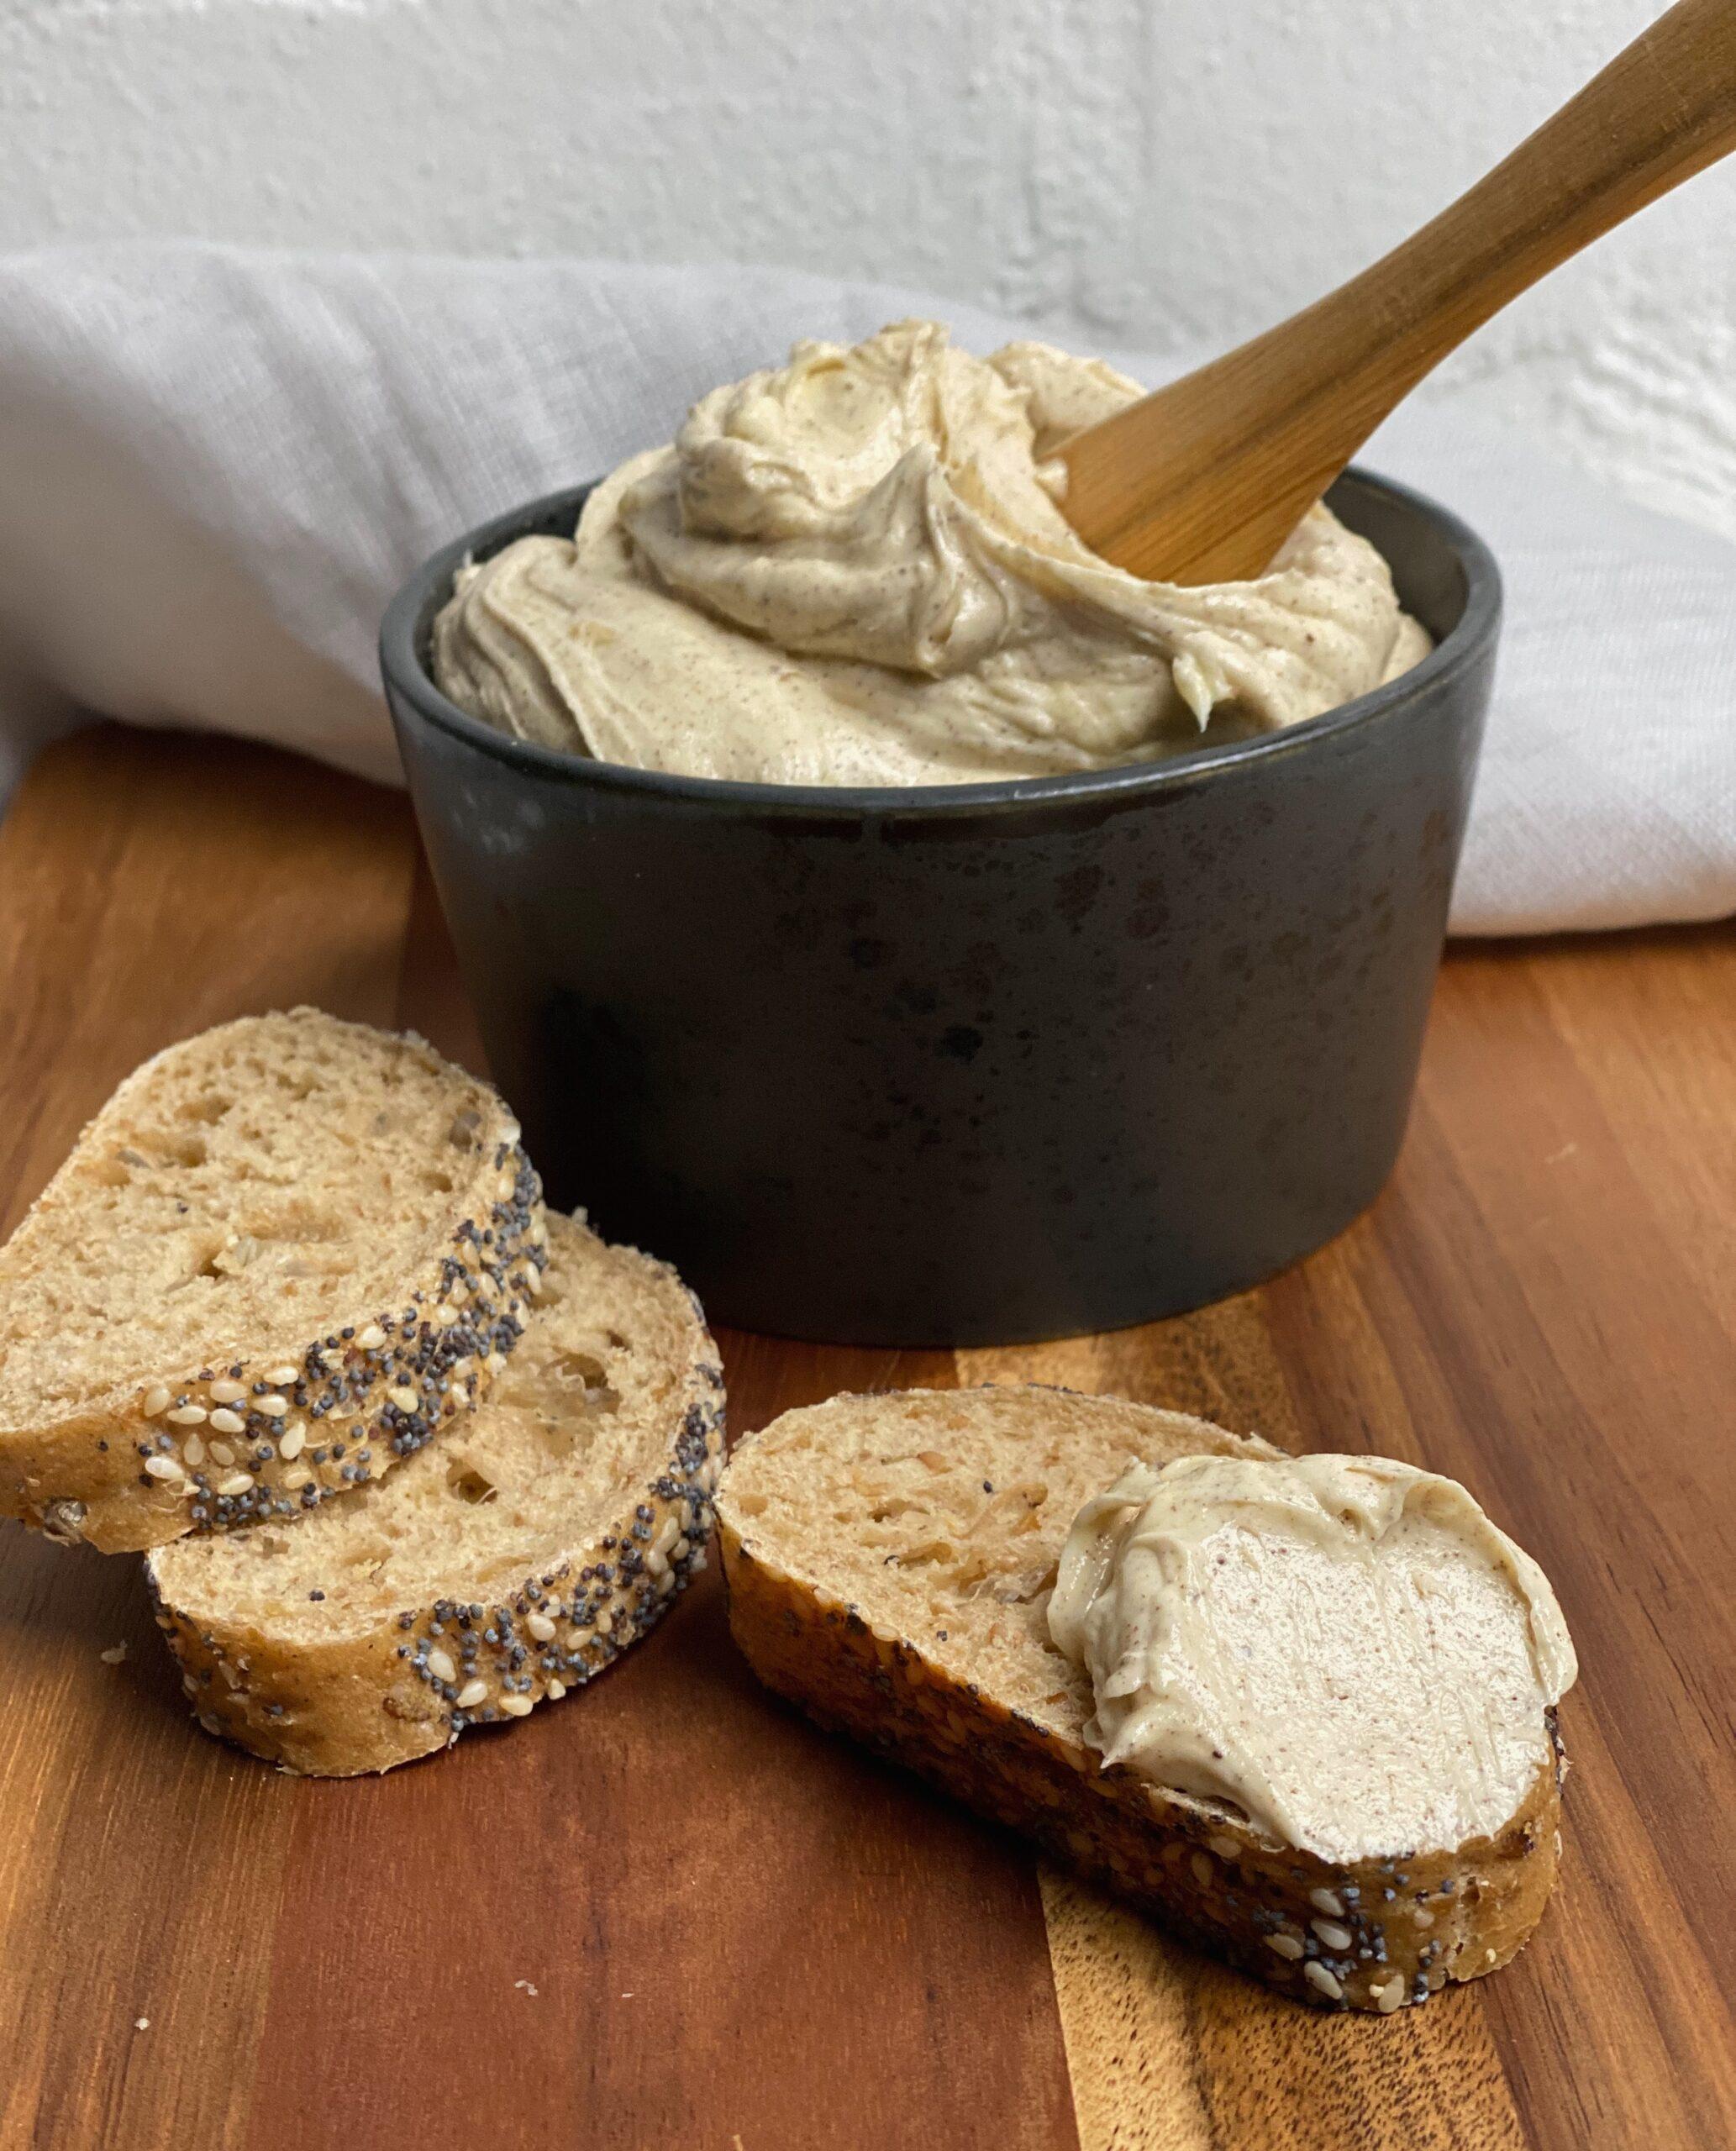 Pisket brunet smør i en skål med nogle skiver brød foran med smørret på